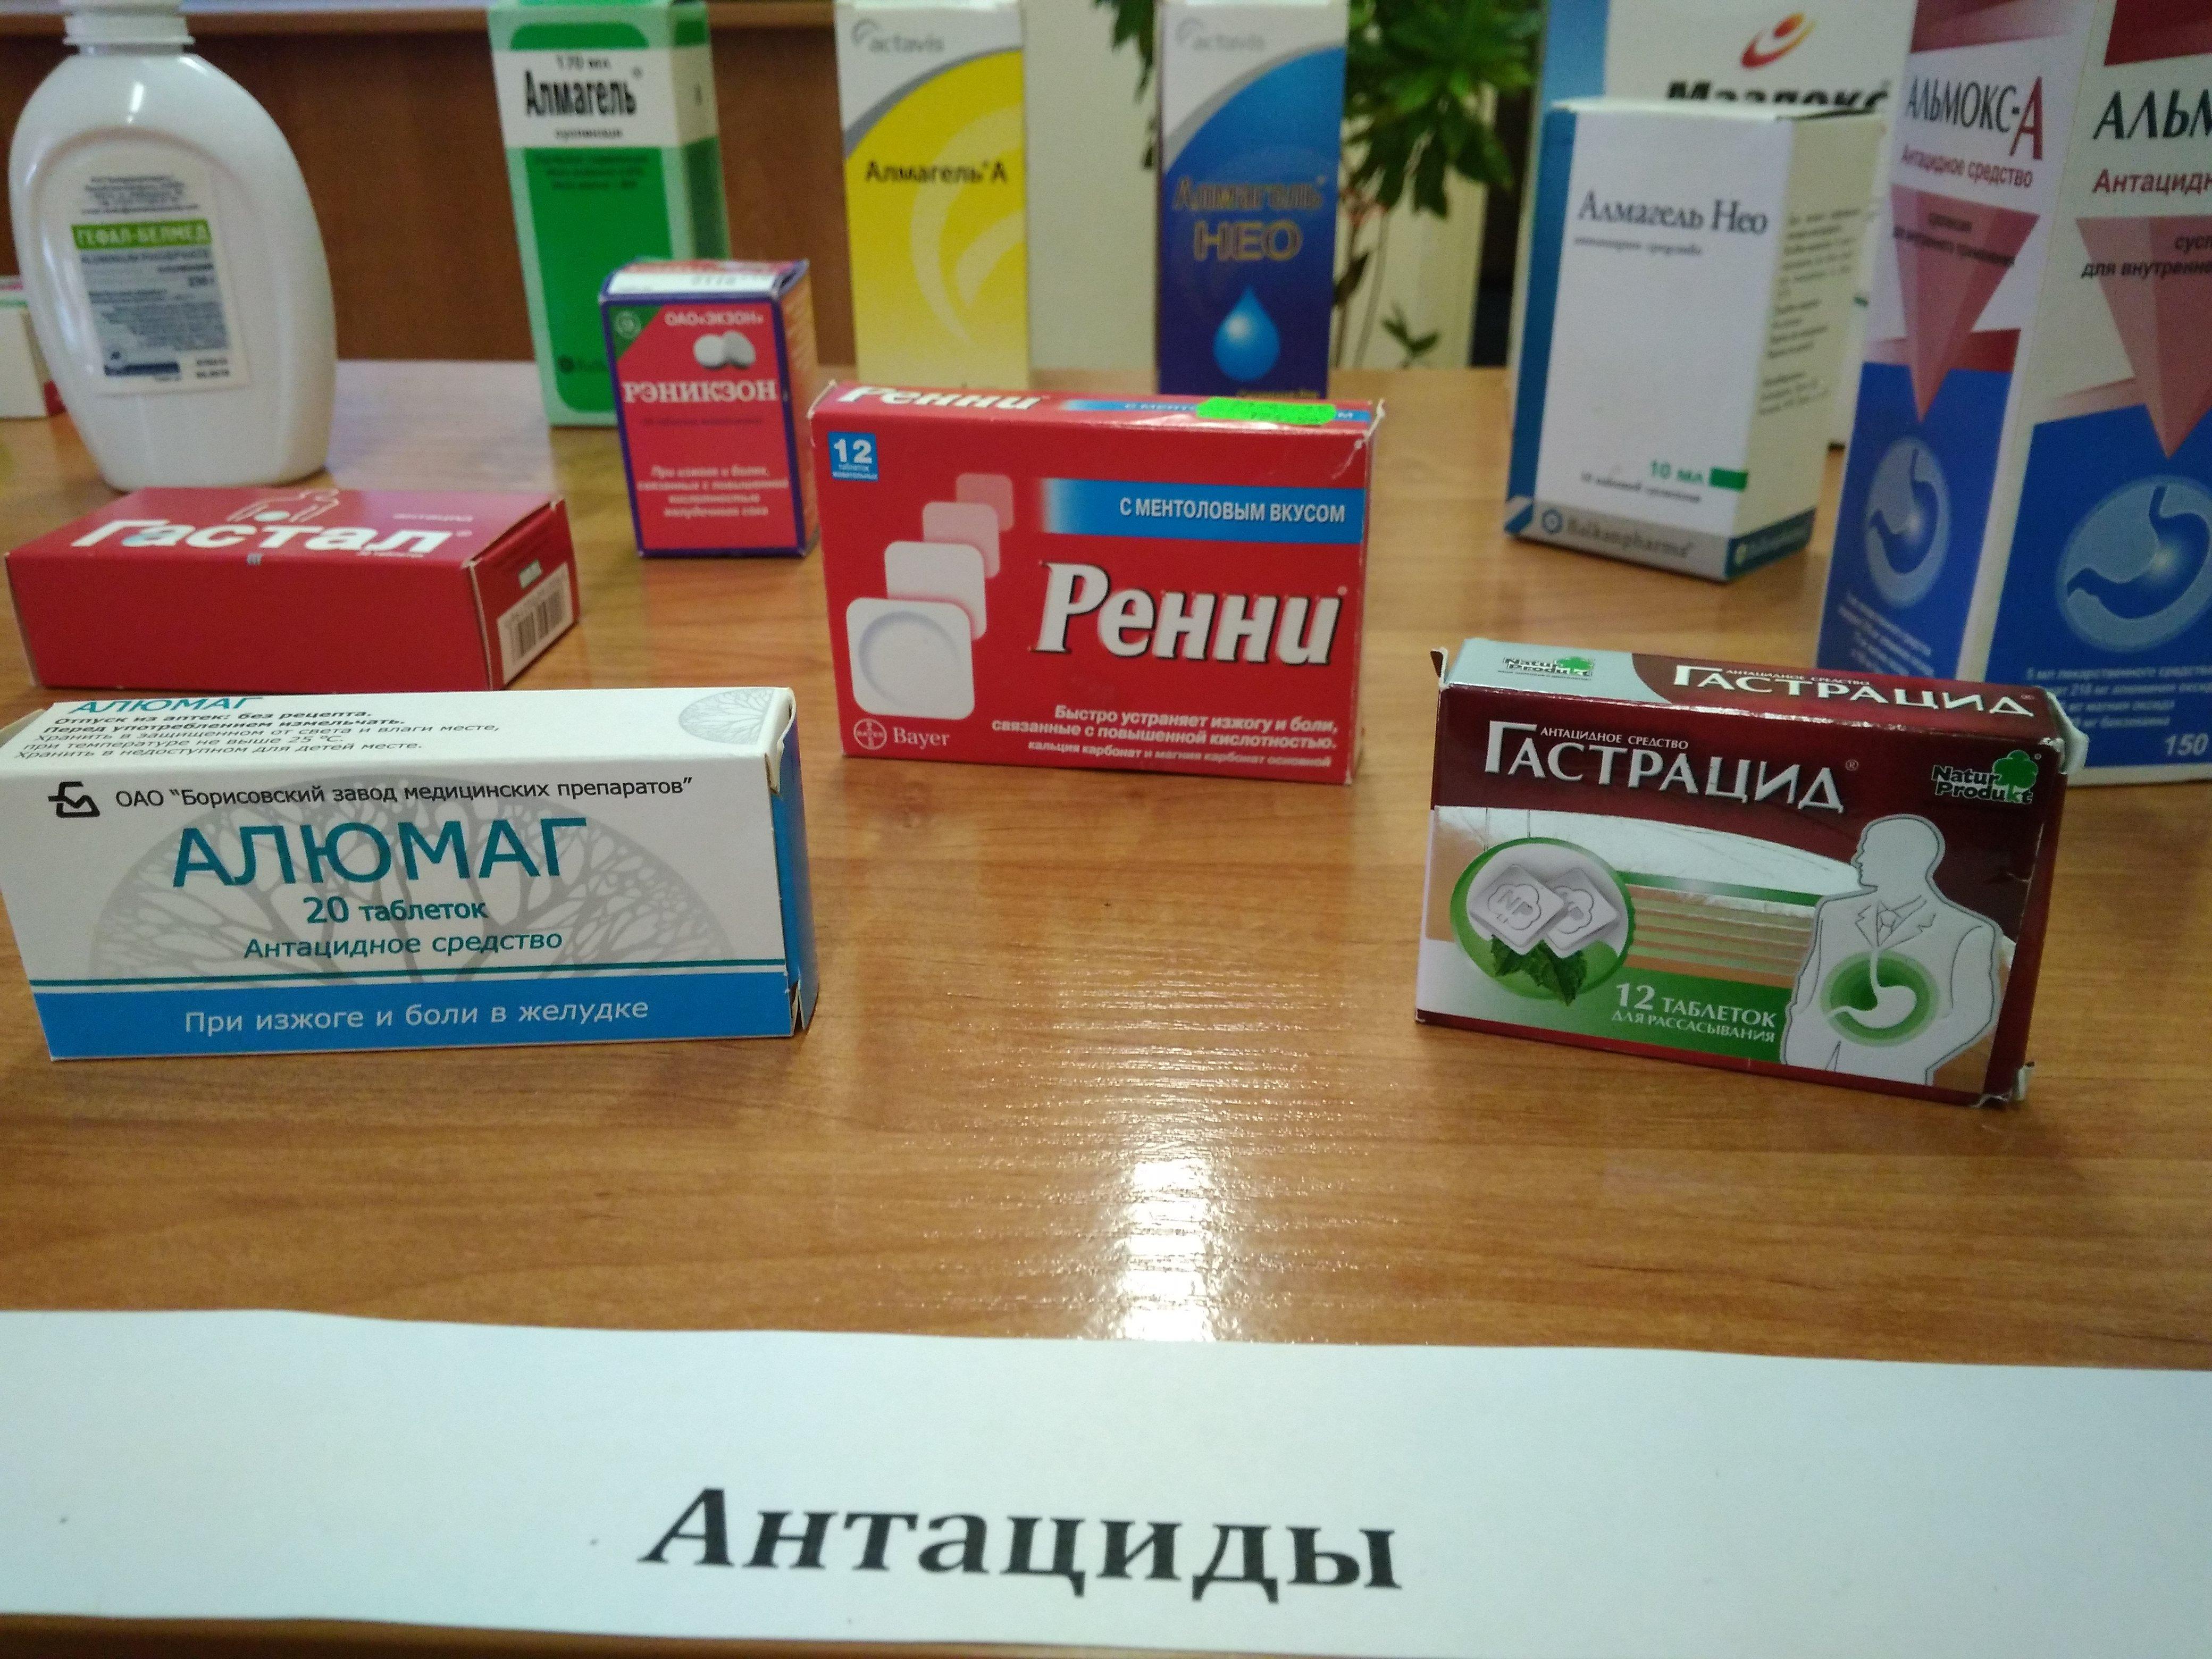 Антациды: перечень препаратов, принцип действия | про-гастро